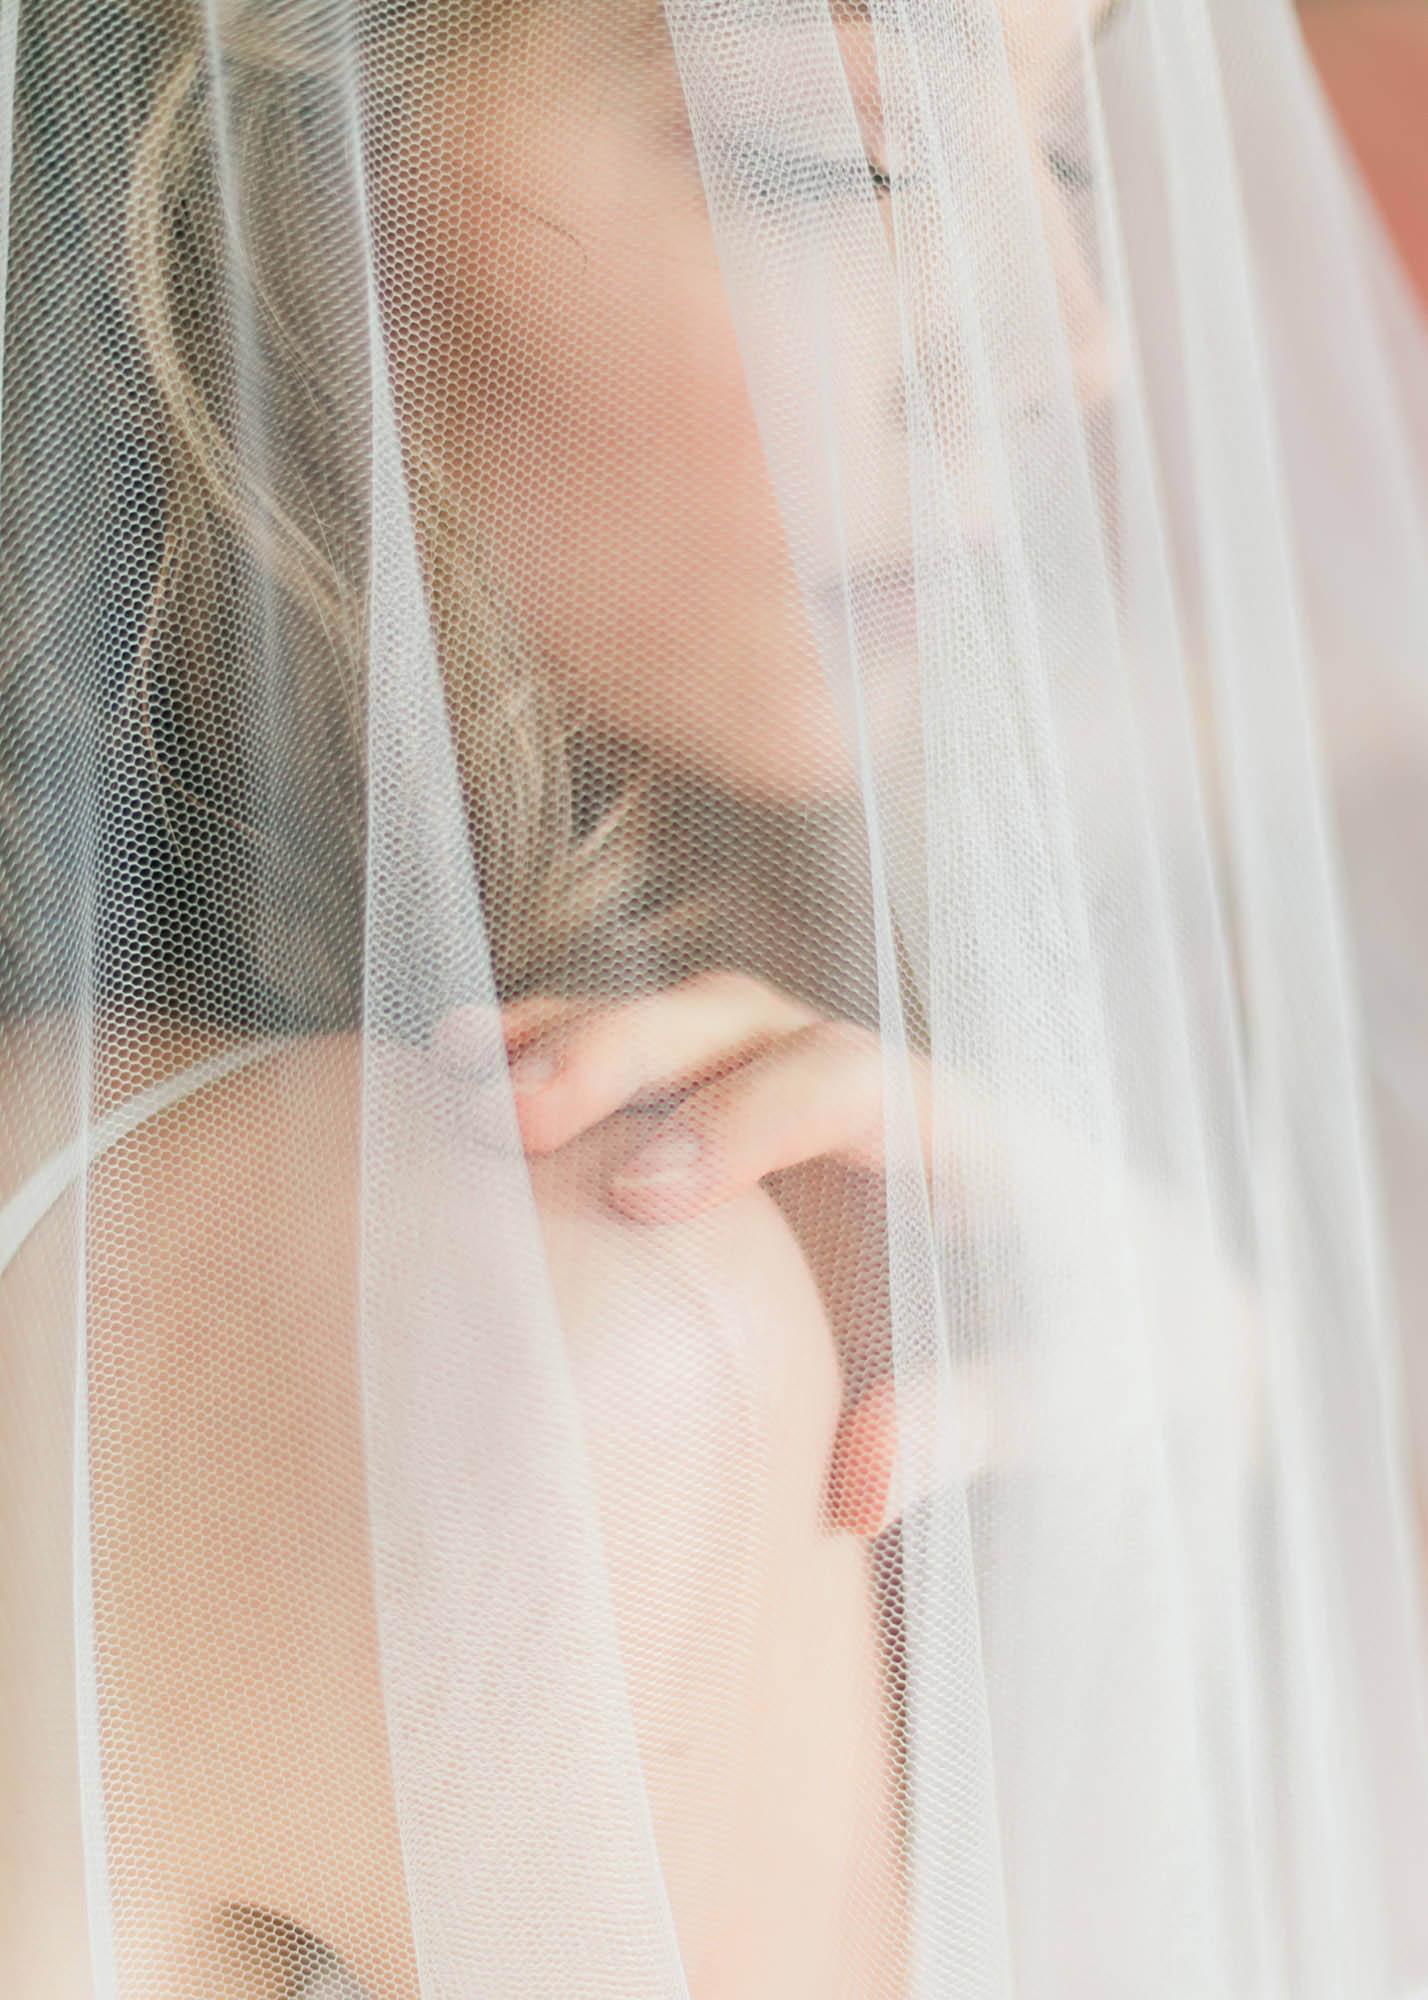 28-tuscany-wedding-photographer-italy-p-g